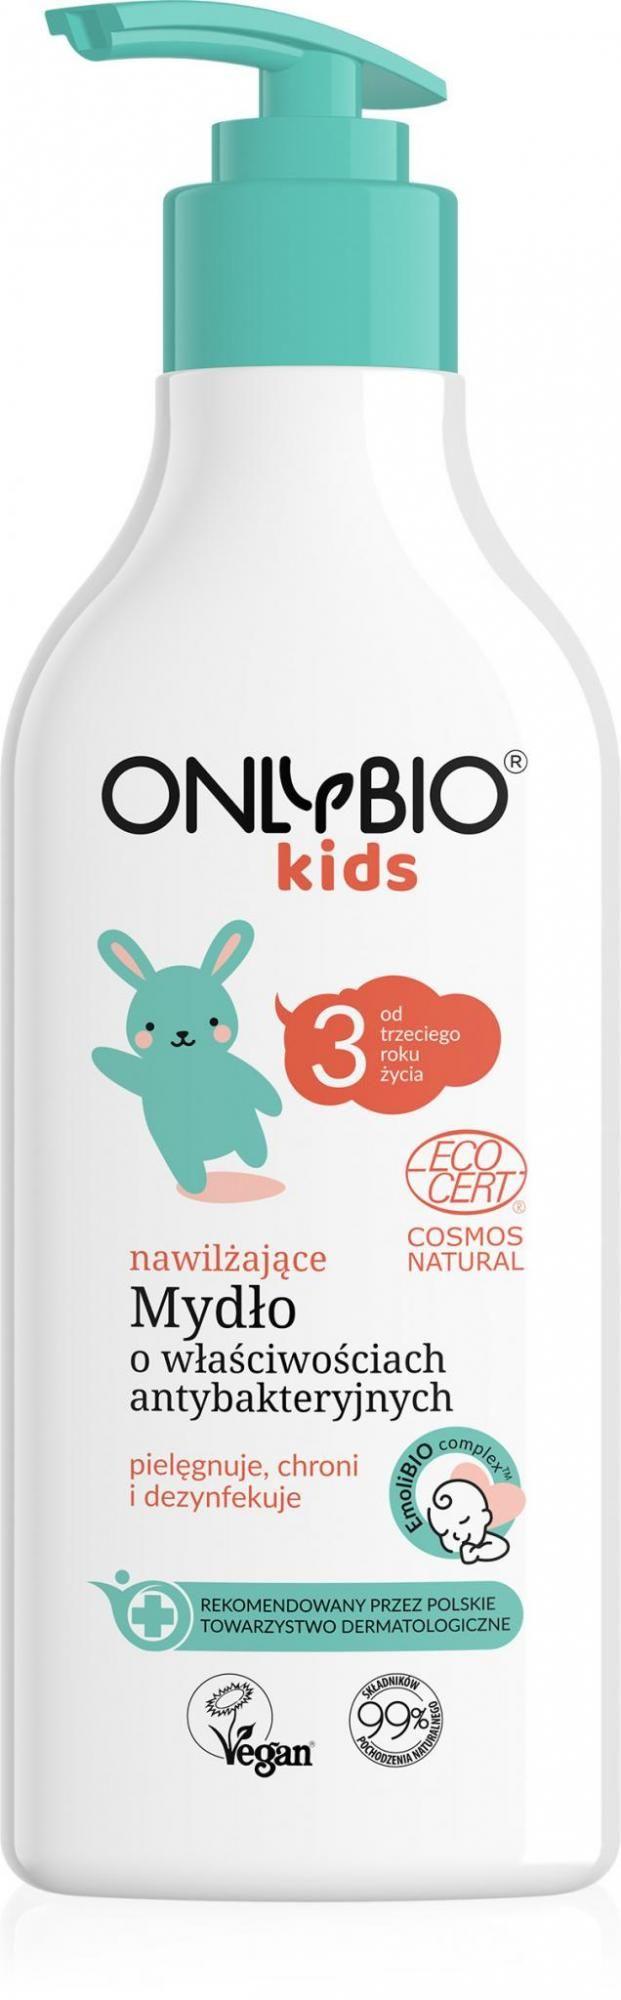 Mydło do rąk nawilżające o właściwościach antybakteryjnych dla dzieci od 3 roku życia eco 300 ml - only bio (baby)